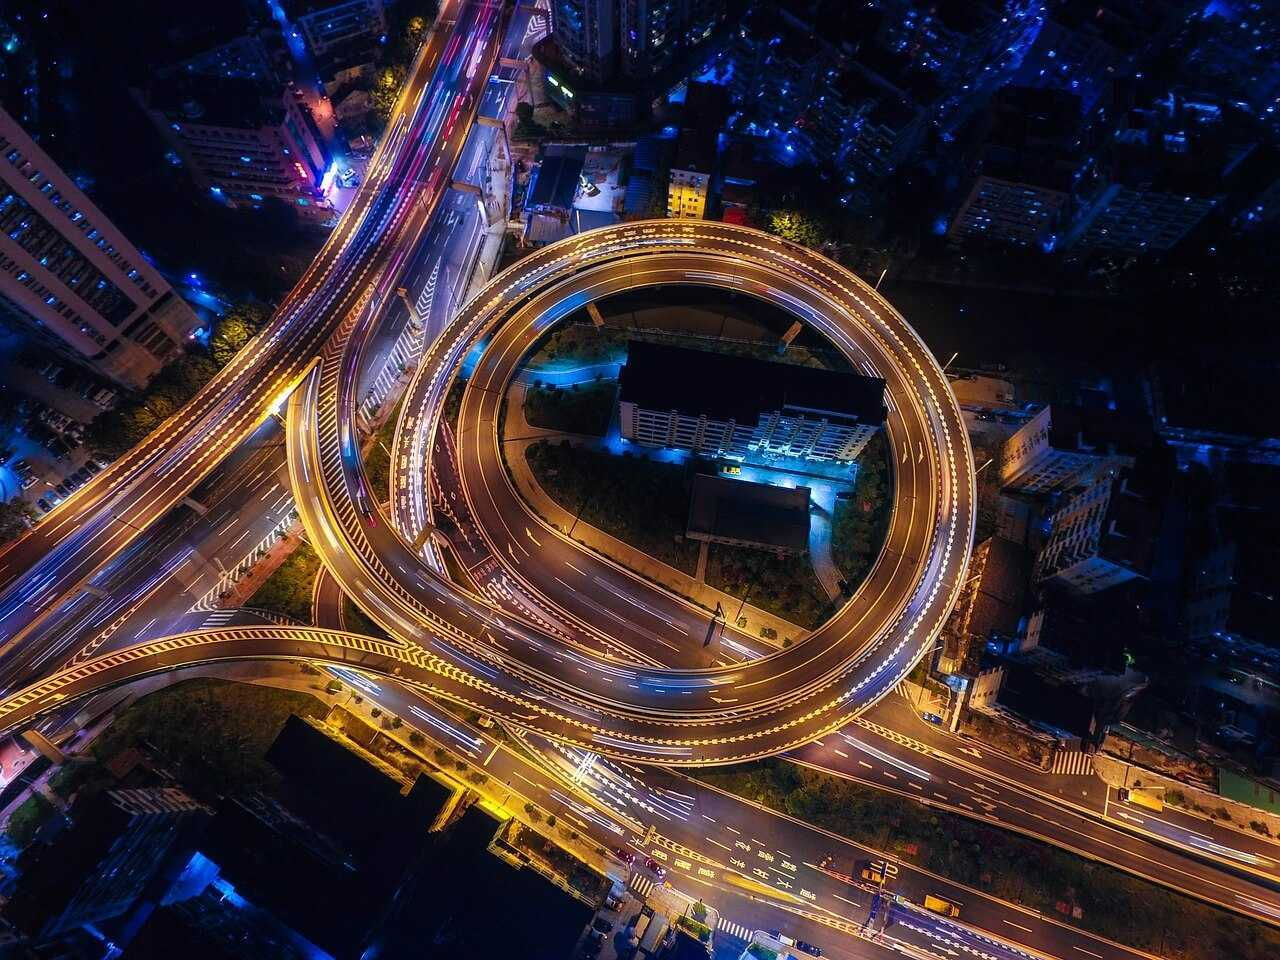 ES mērķu sasniegšanai elektromobilitātē nepieciešama mērķtiecīga pieeja un valsts atbalsts